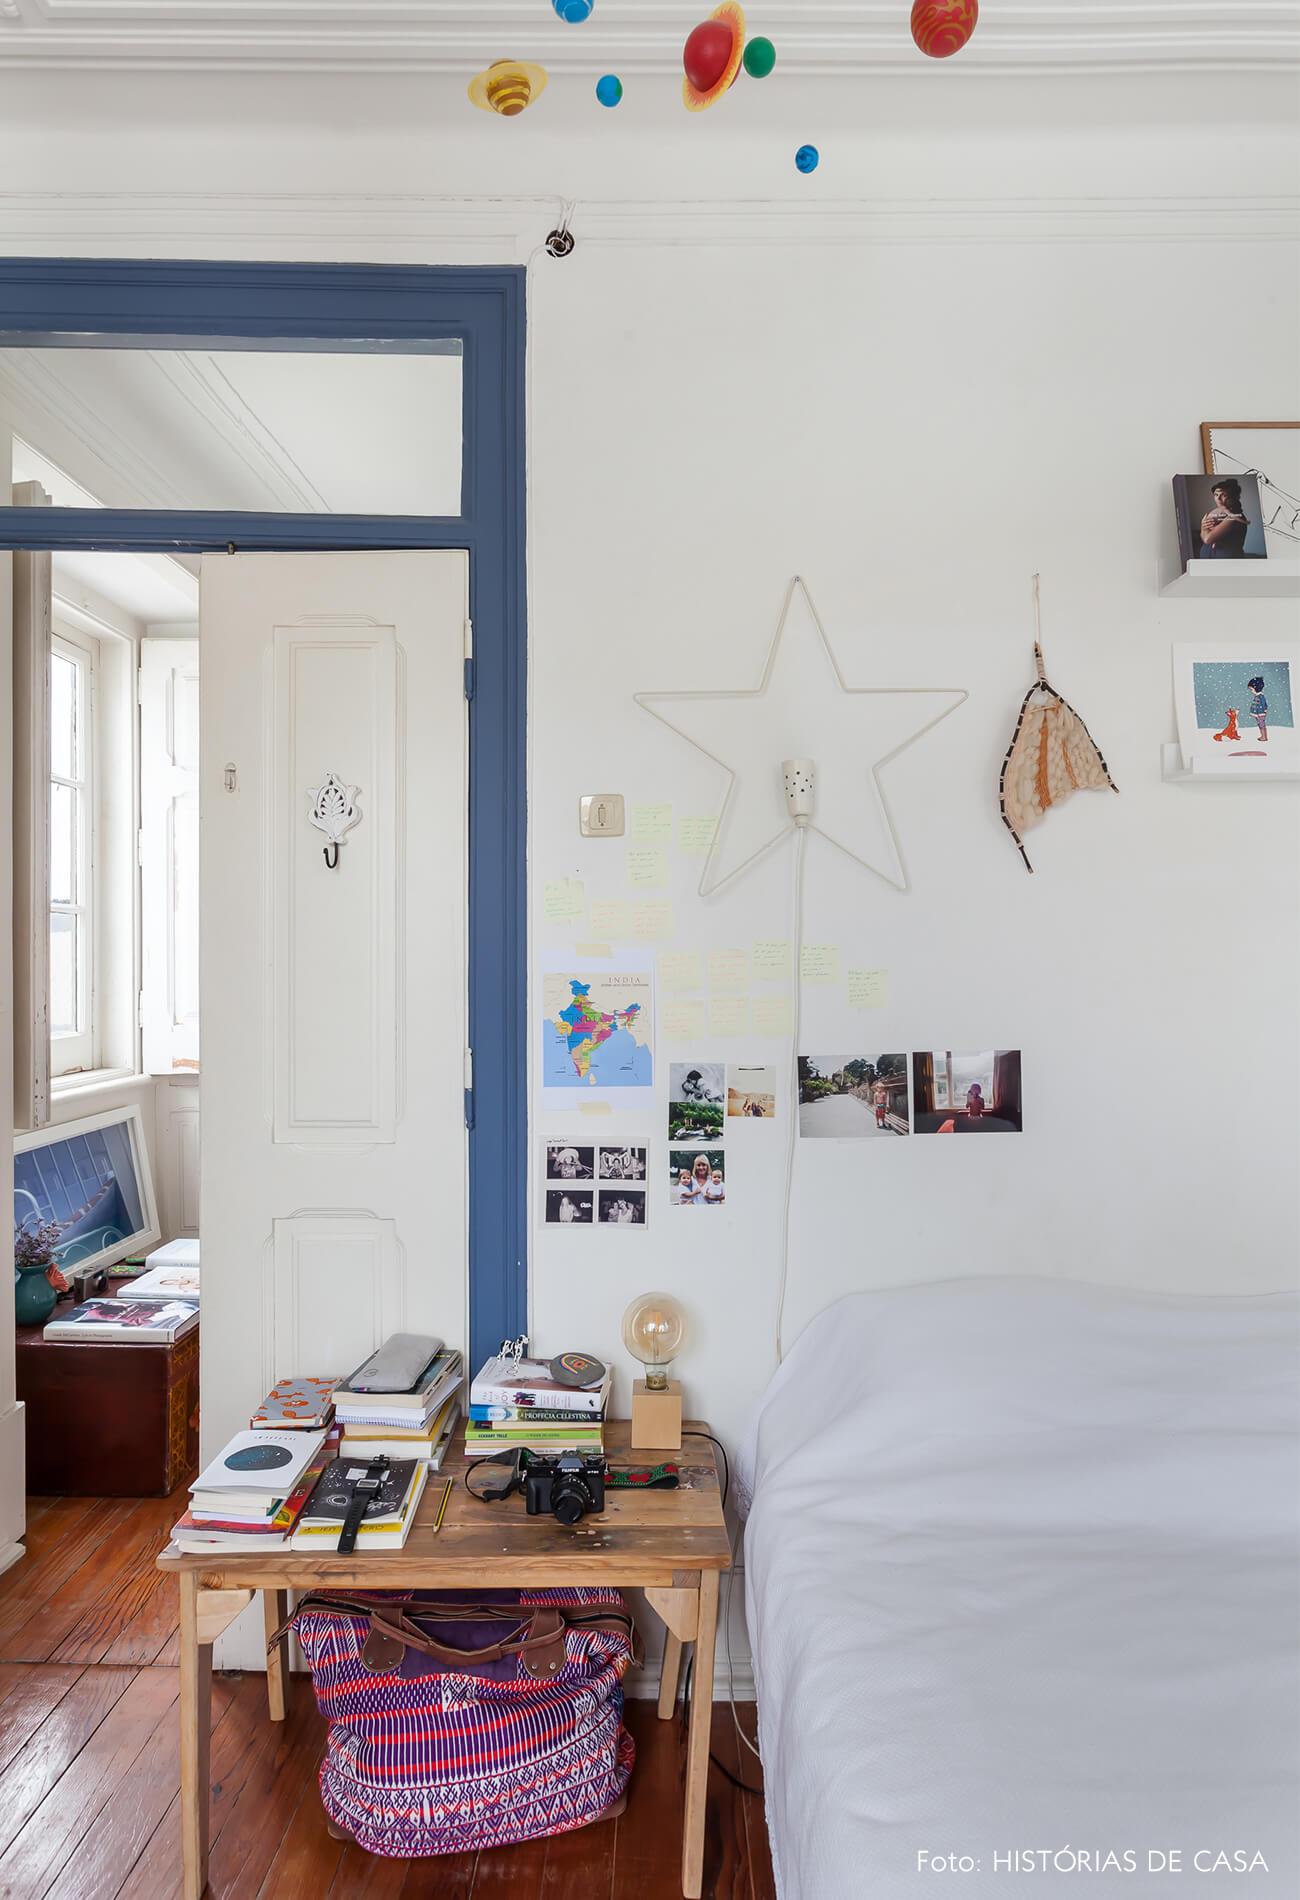 mariana-portugal-decoração-quarto-branco-com-movel-de-madeira